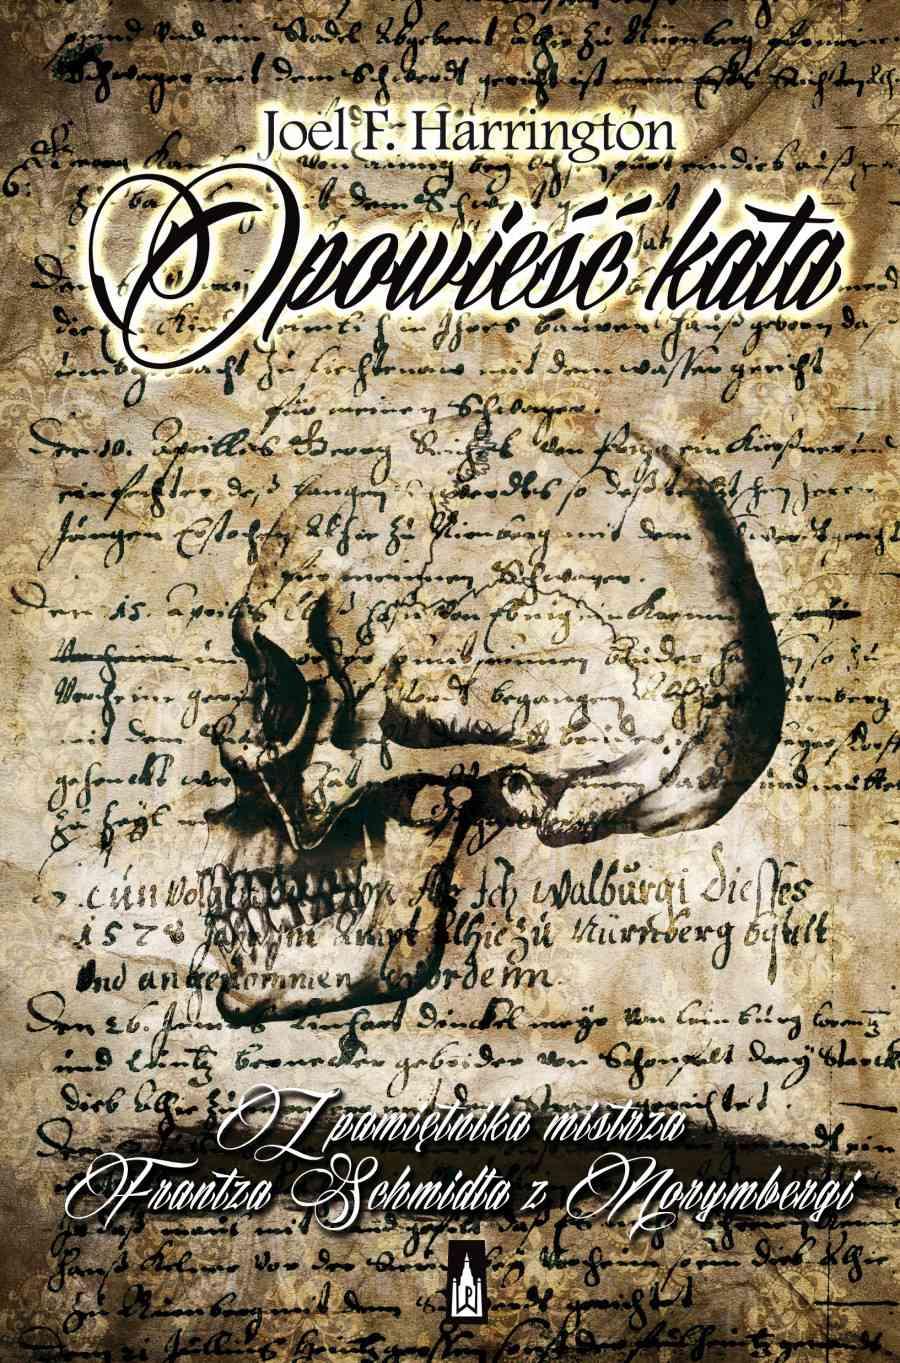 Opowieść kata. Z pamiętnika mistrza Frantza Schmidta z Norymbergi - Ebook (Książka EPUB) do pobrania w formacie EPUB